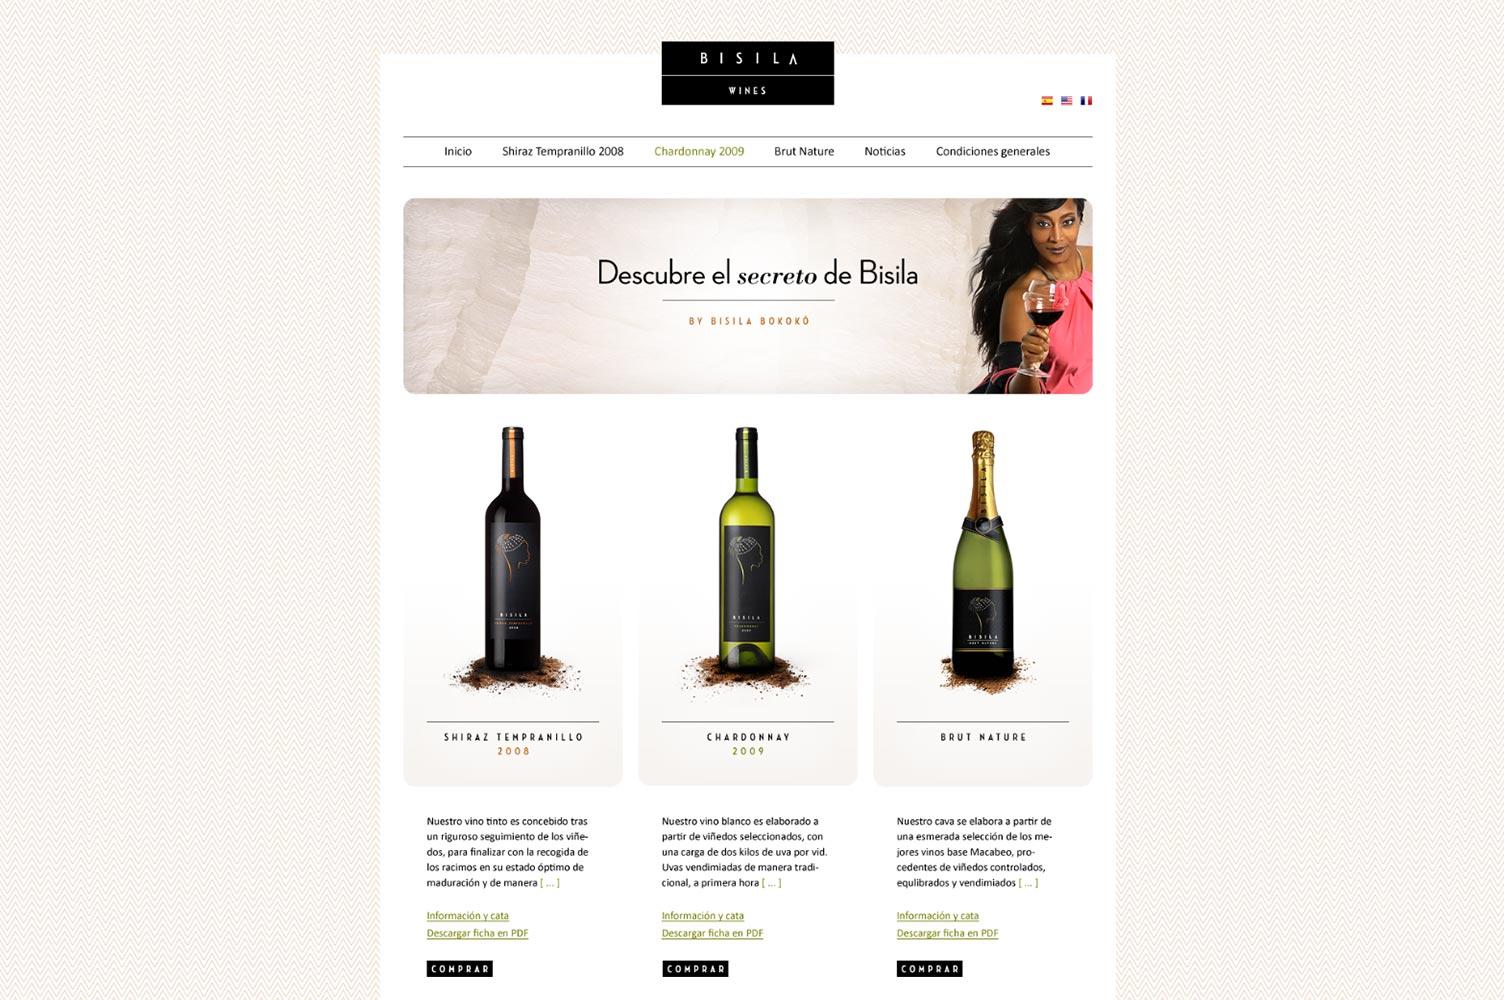 Tienda online Bisila Wines catálogo de vinos